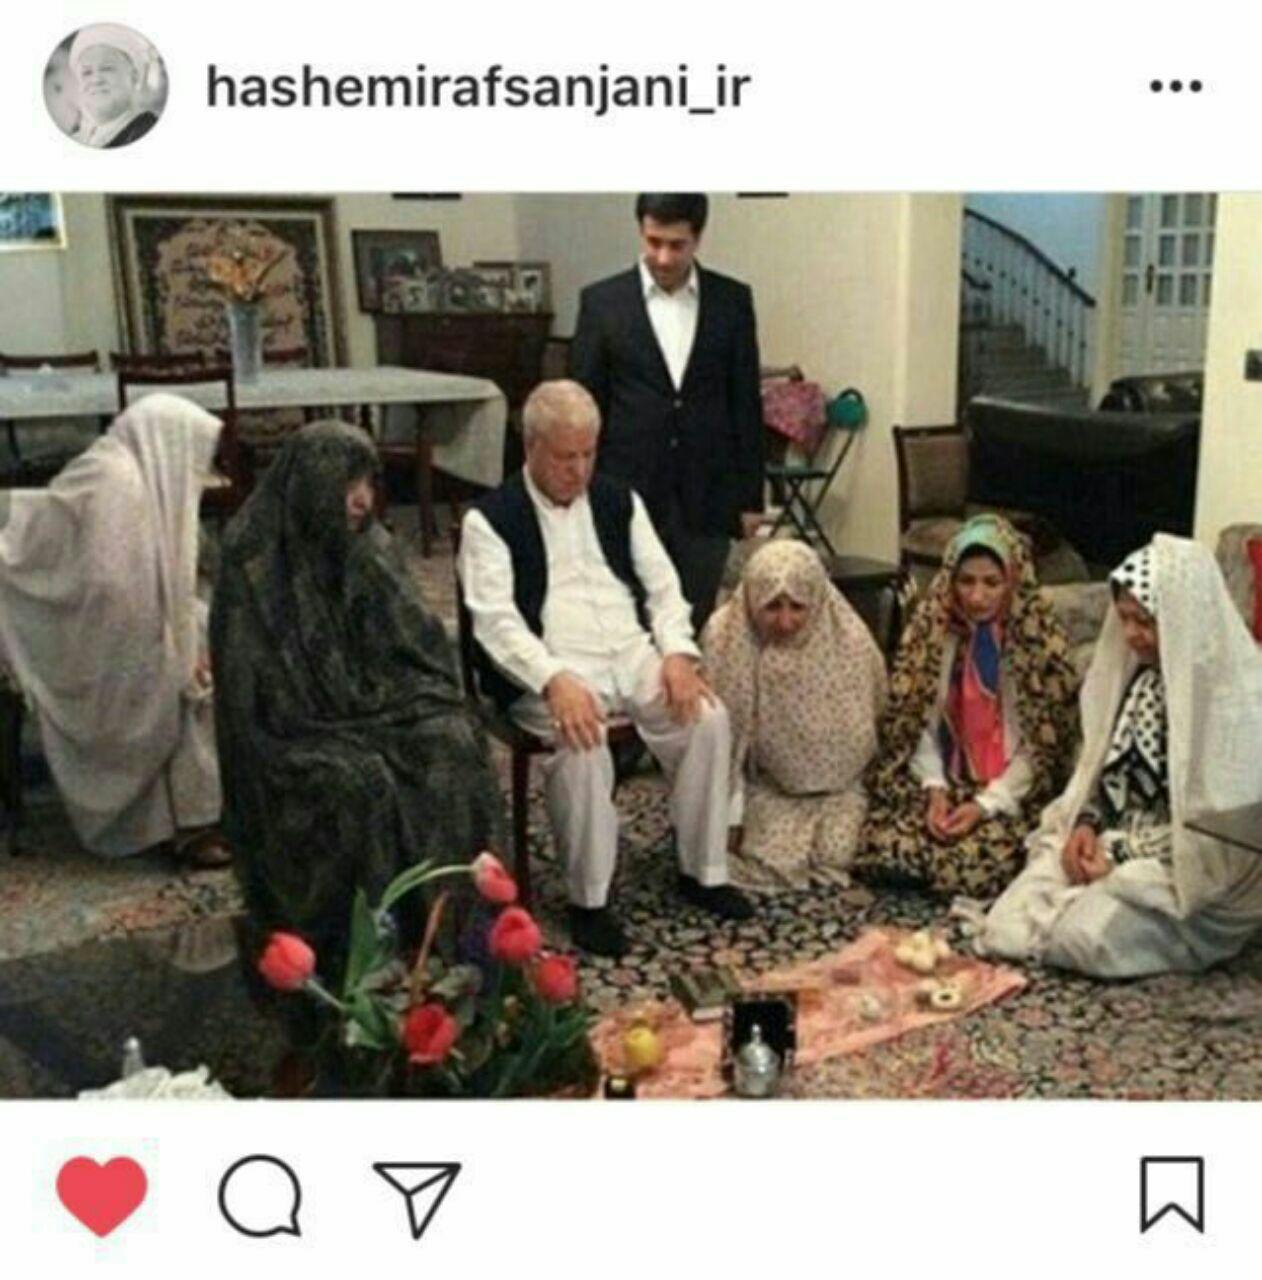 عکس/آیت الله هاشمی رفسنجانی سر سفره عید